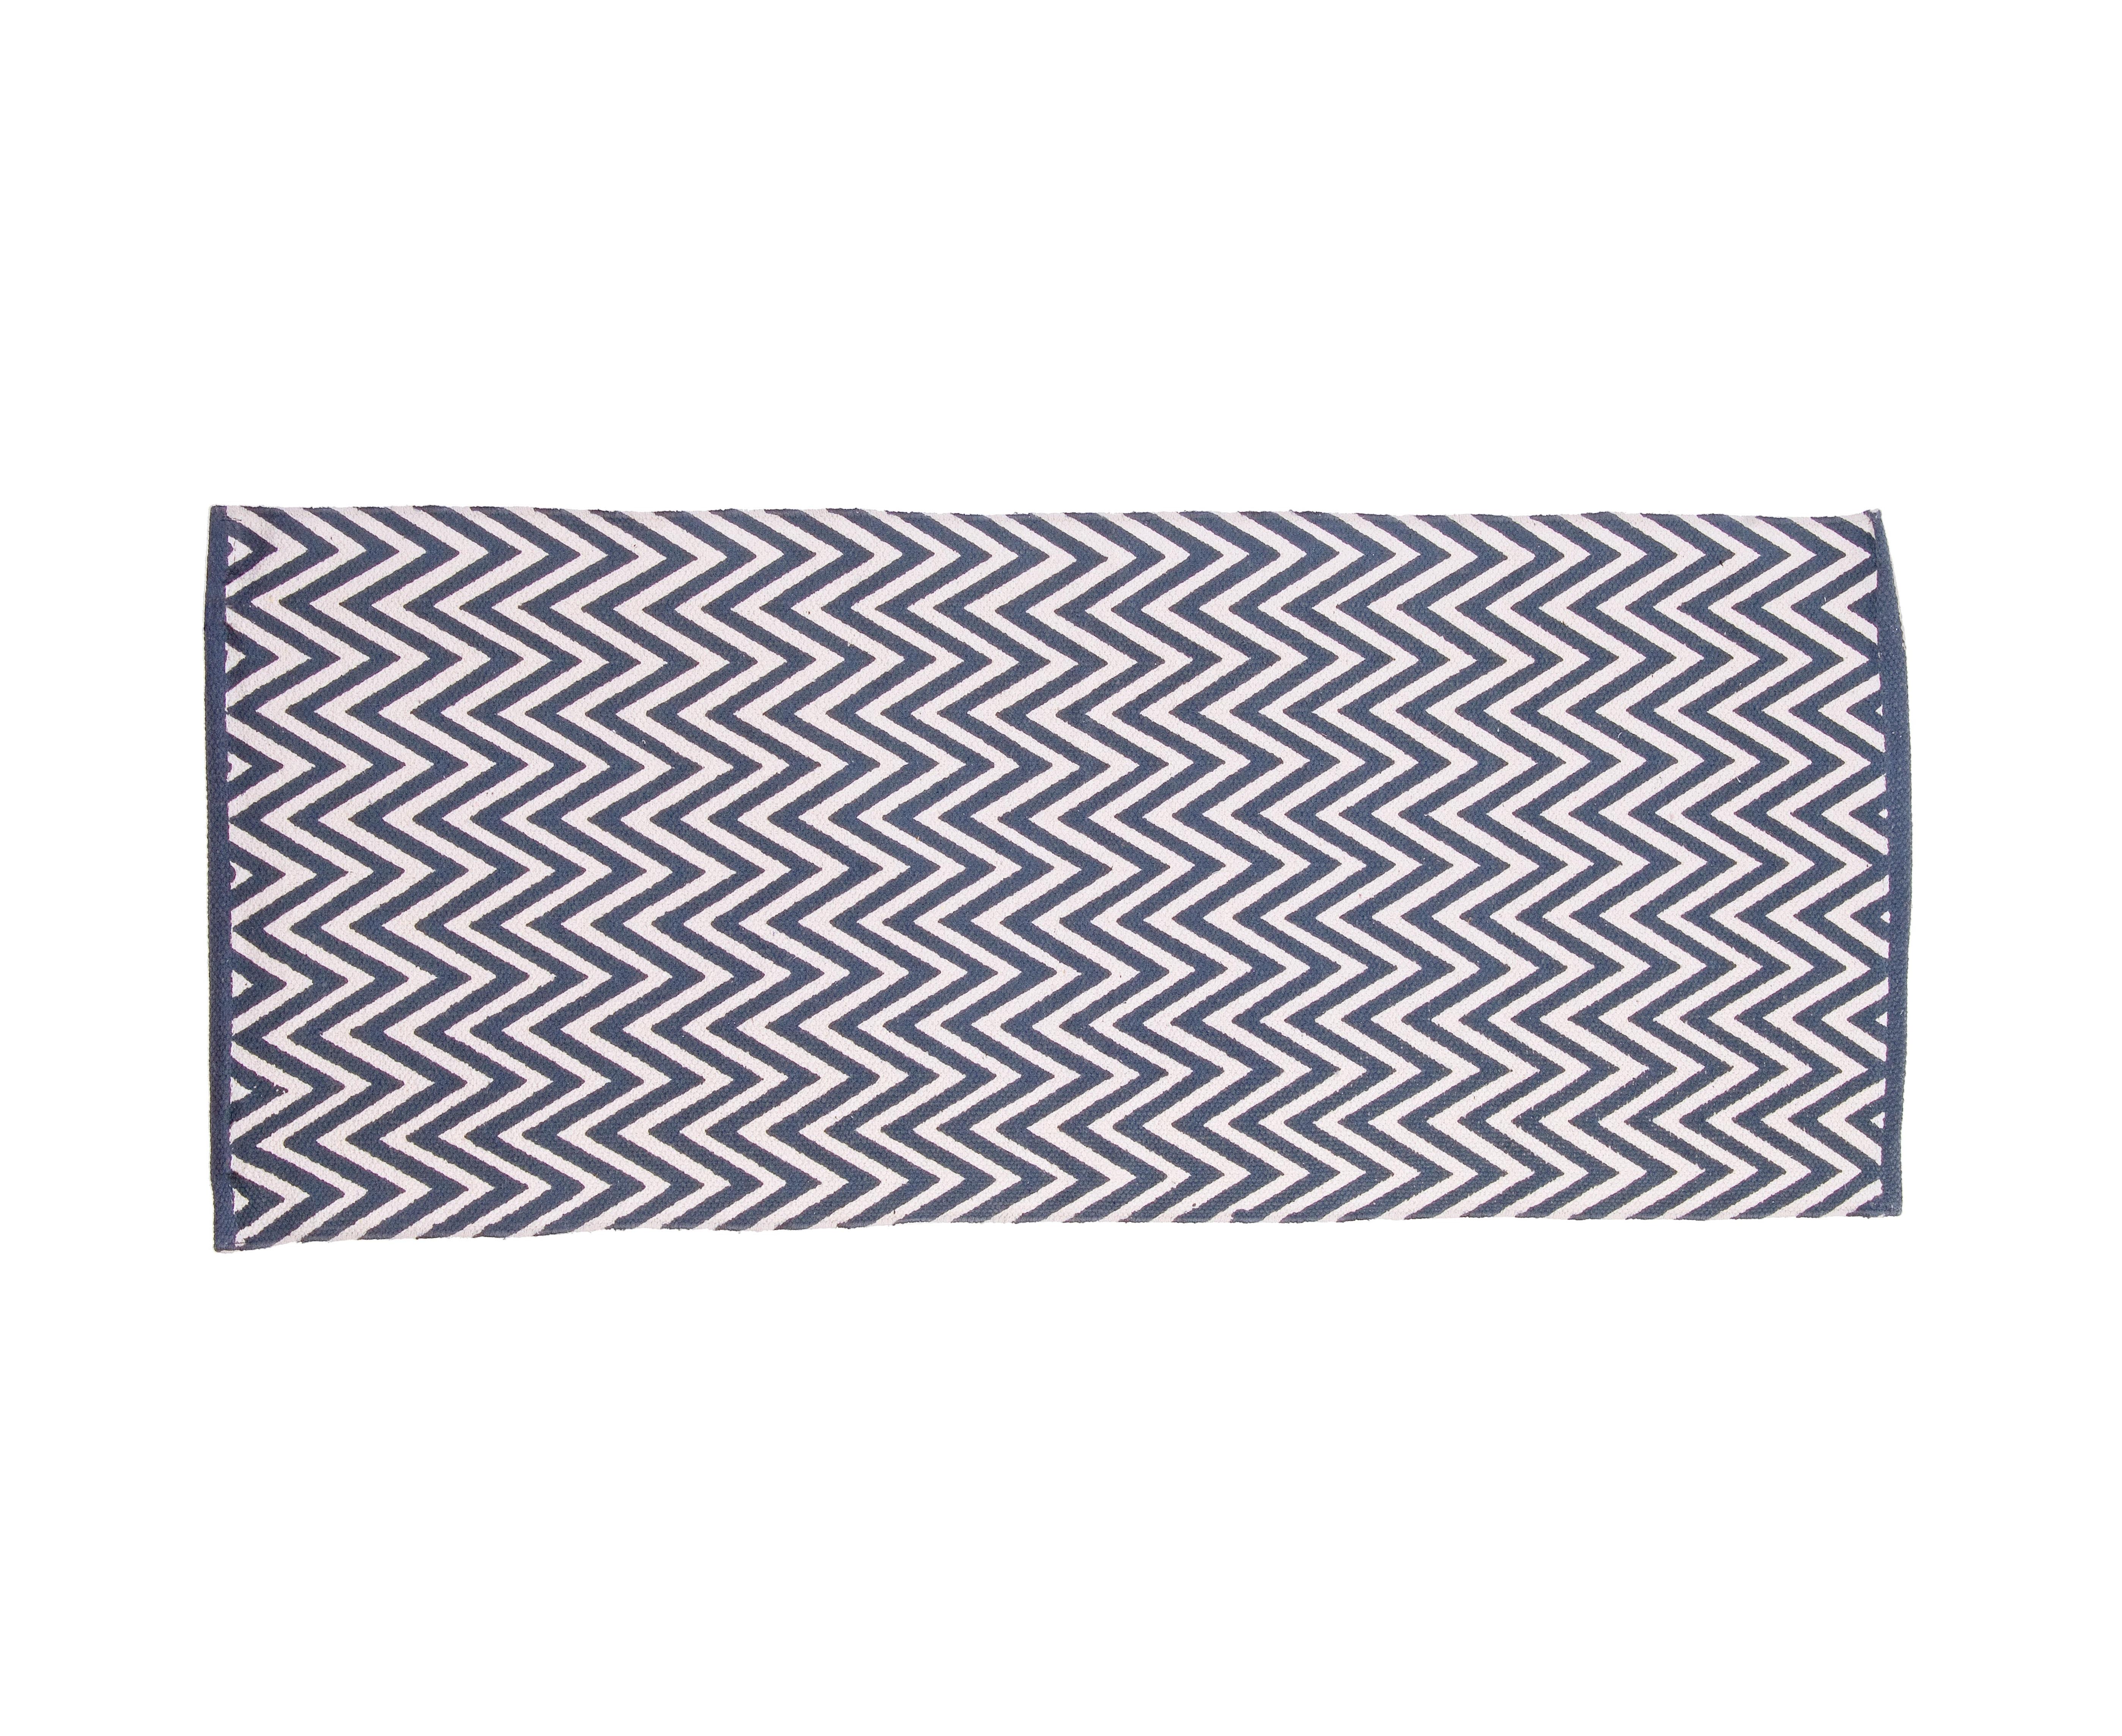 Ковер ZiggiПрямоугольные ковры<br><br><br>Material: Хлопок<br>Width см: 120<br>Depth см: 50<br>Height см: 1